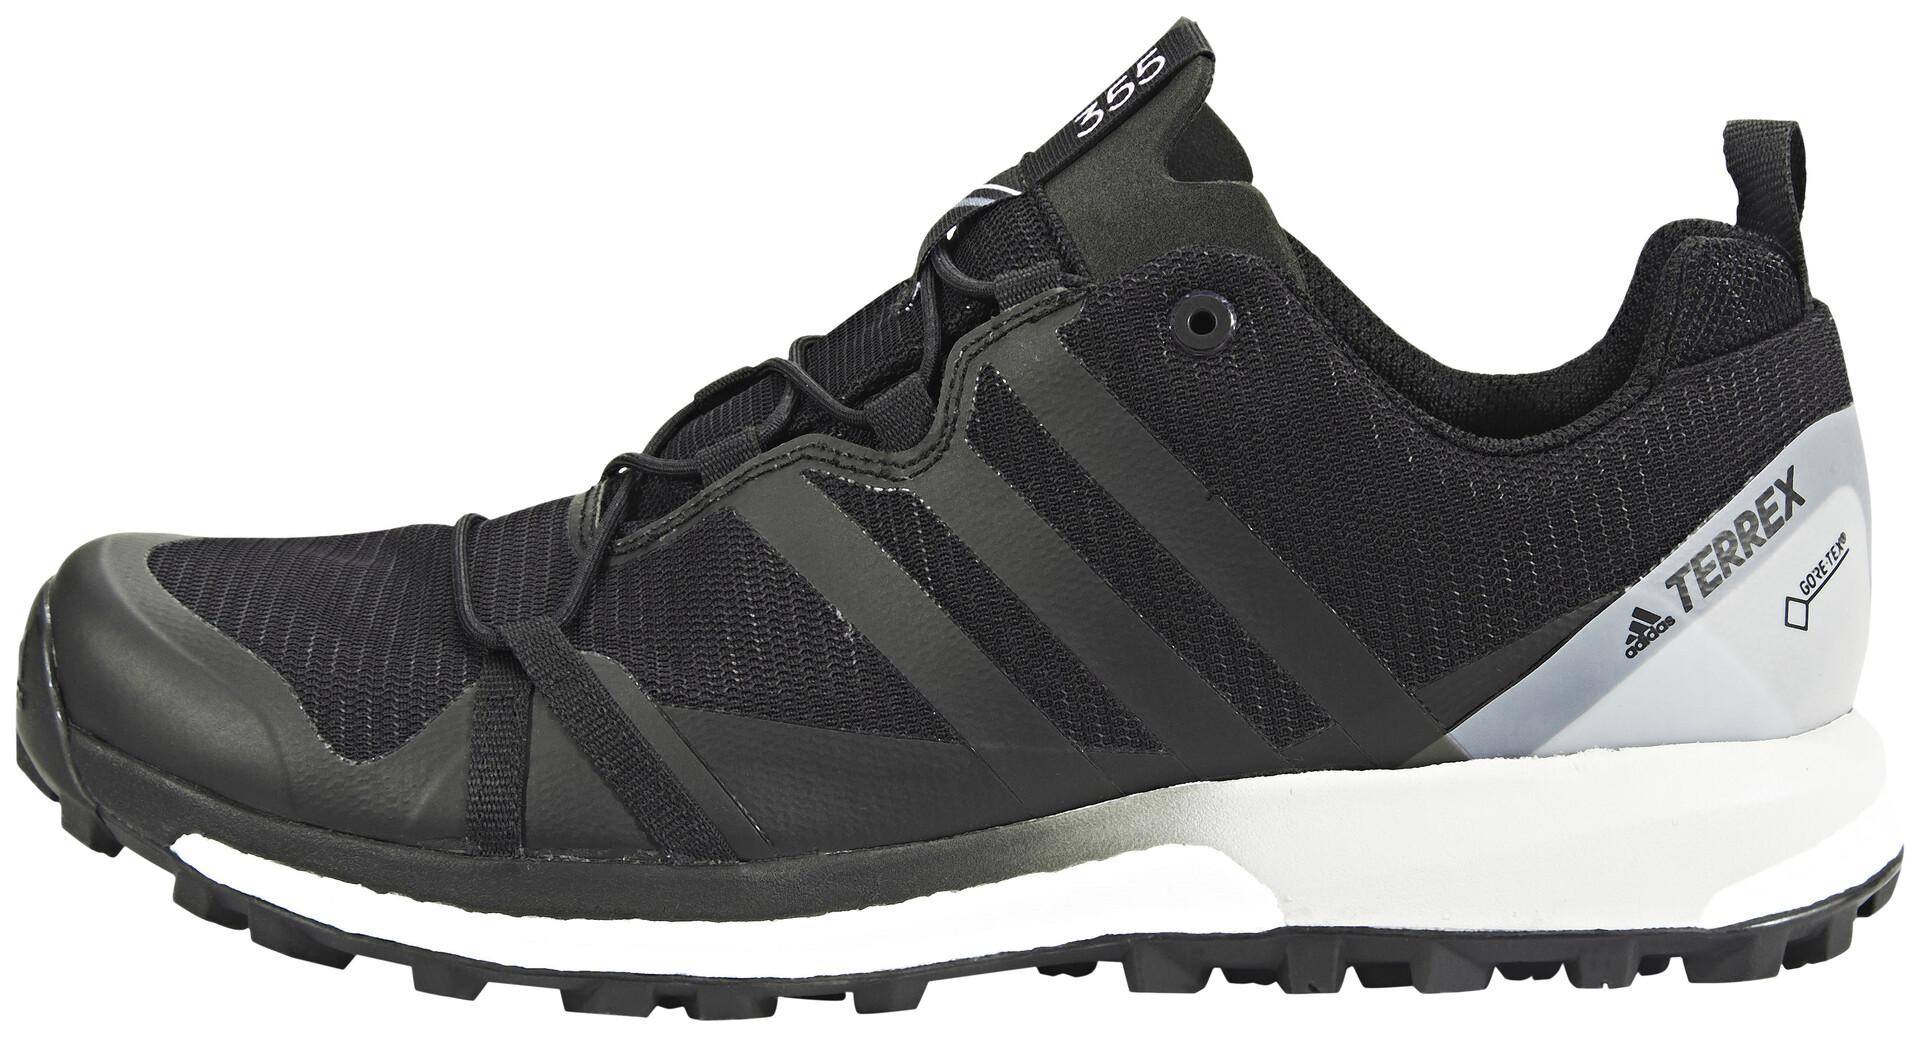 adidas TERREX Agravic GTX Chaussures  running Homme noir sur